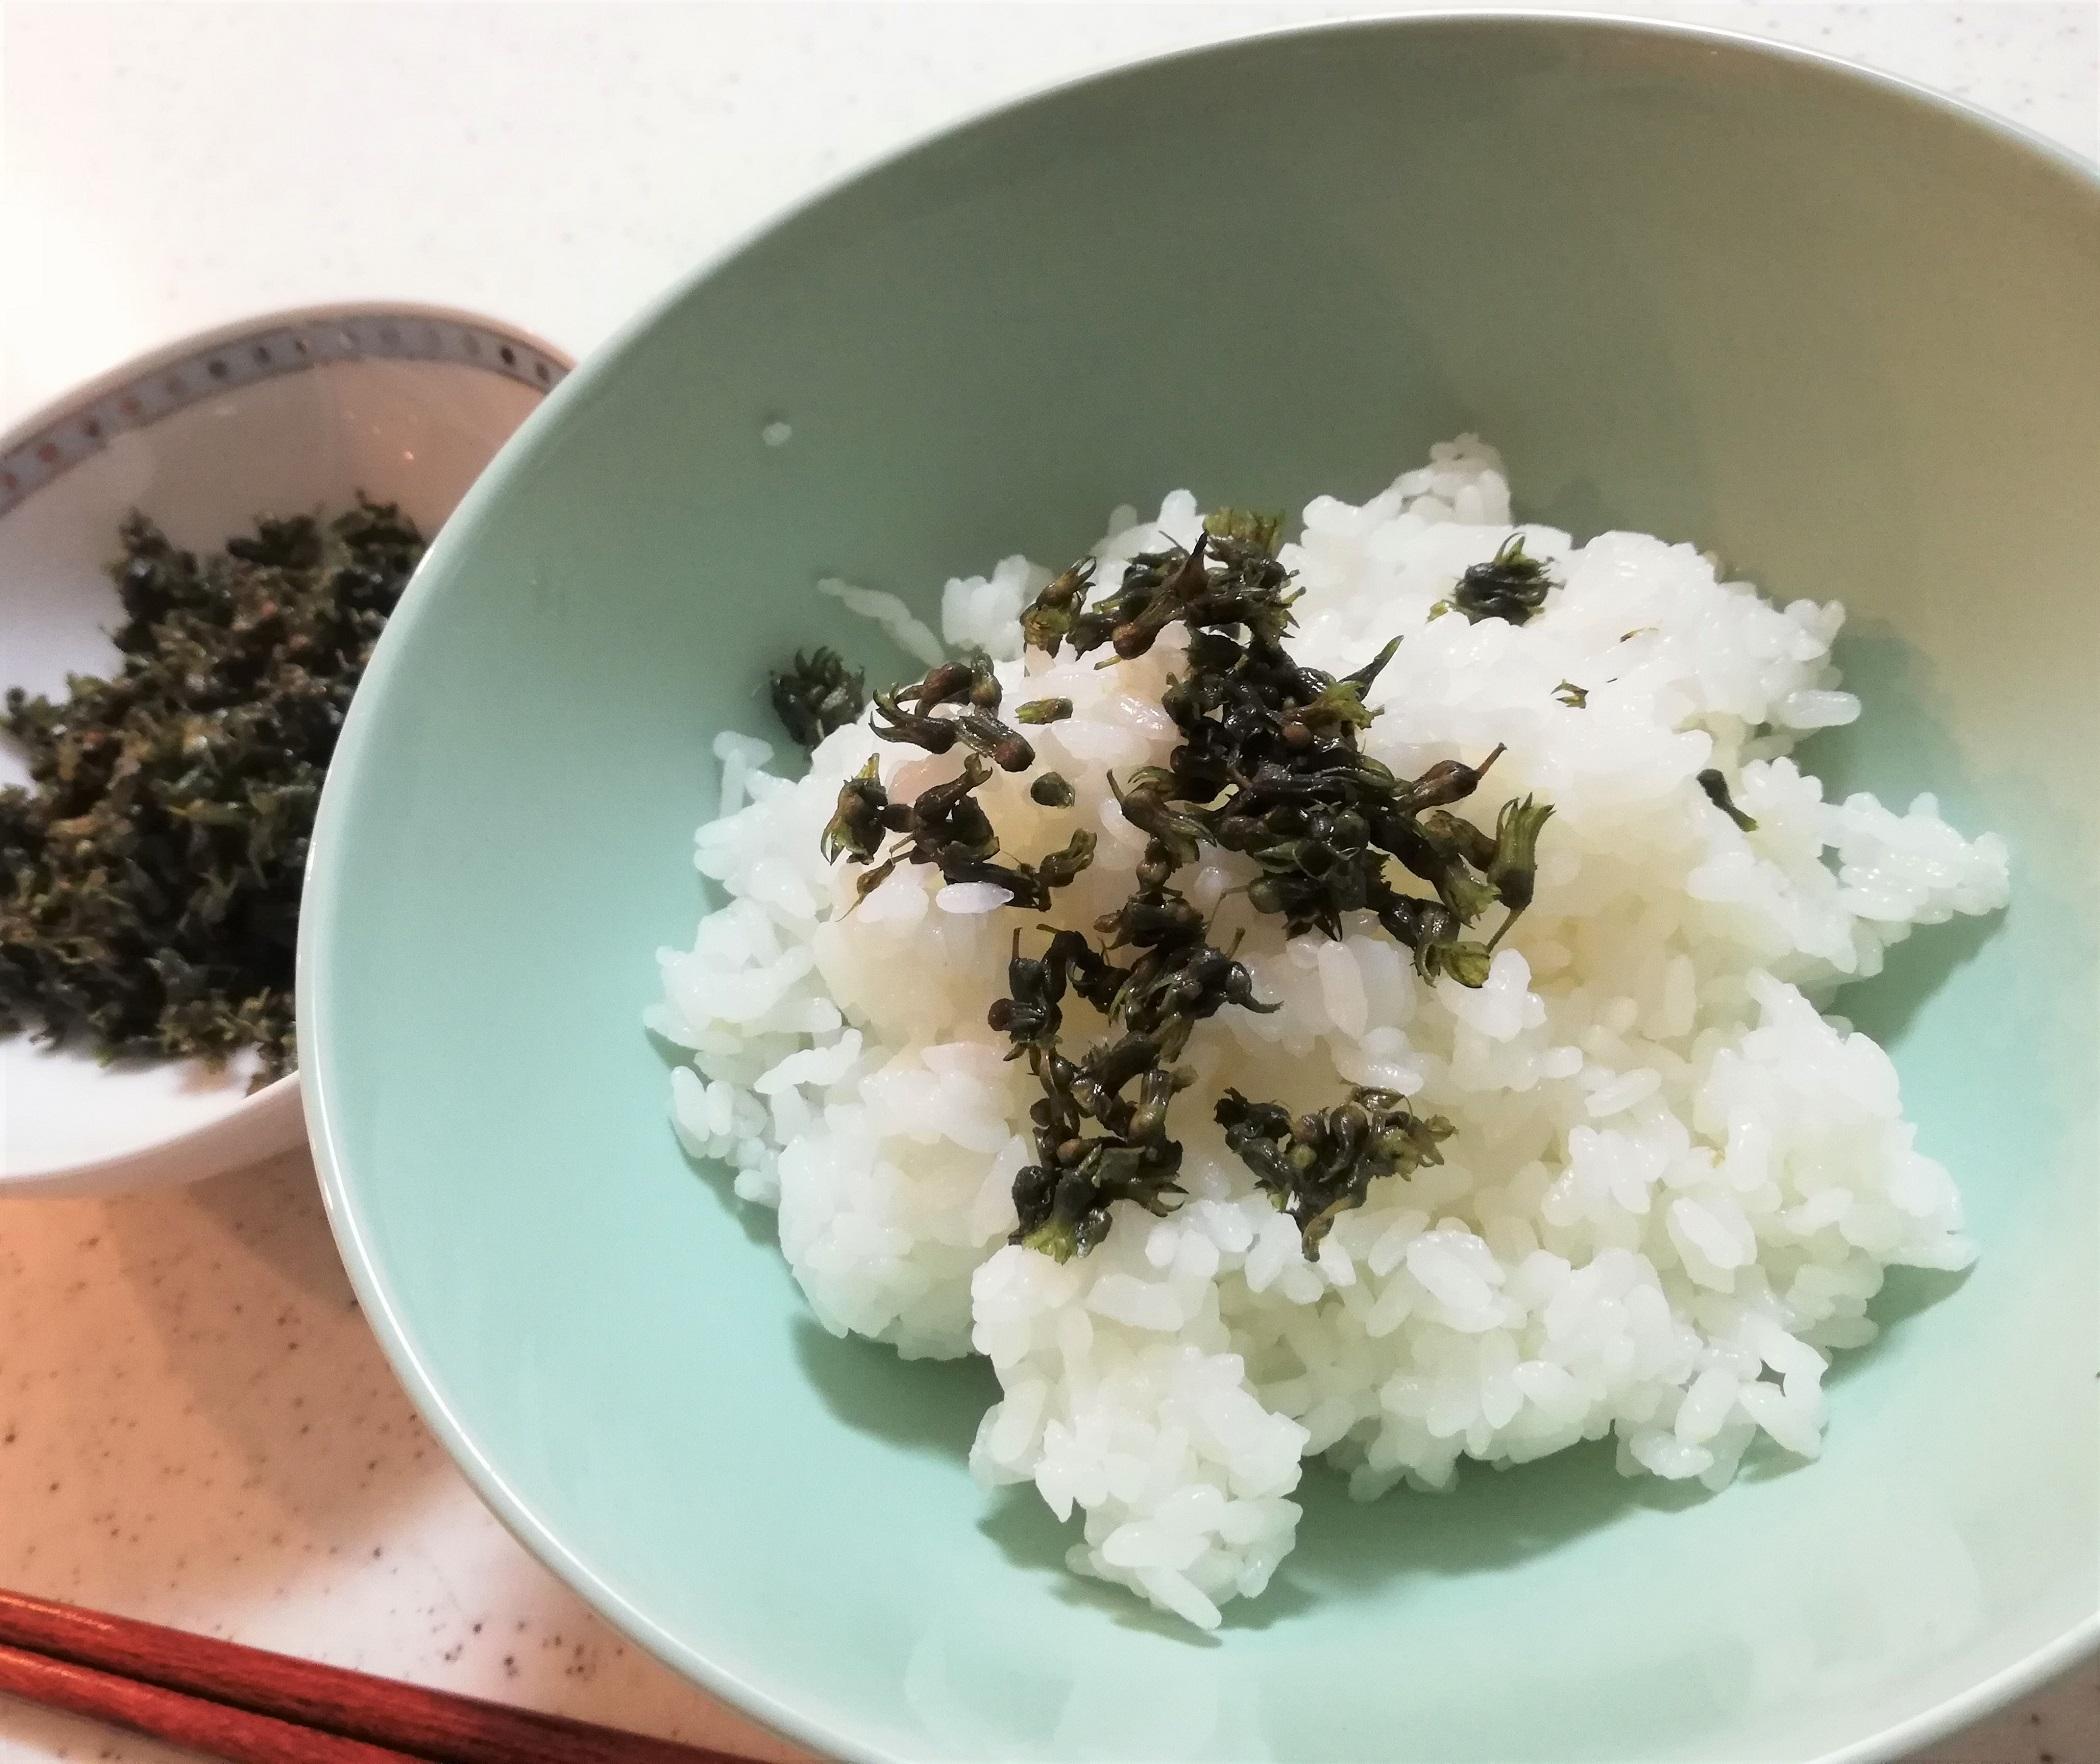 【しその実】醤油漬け 作り方を紹介 薬味、ご飯のお供に!